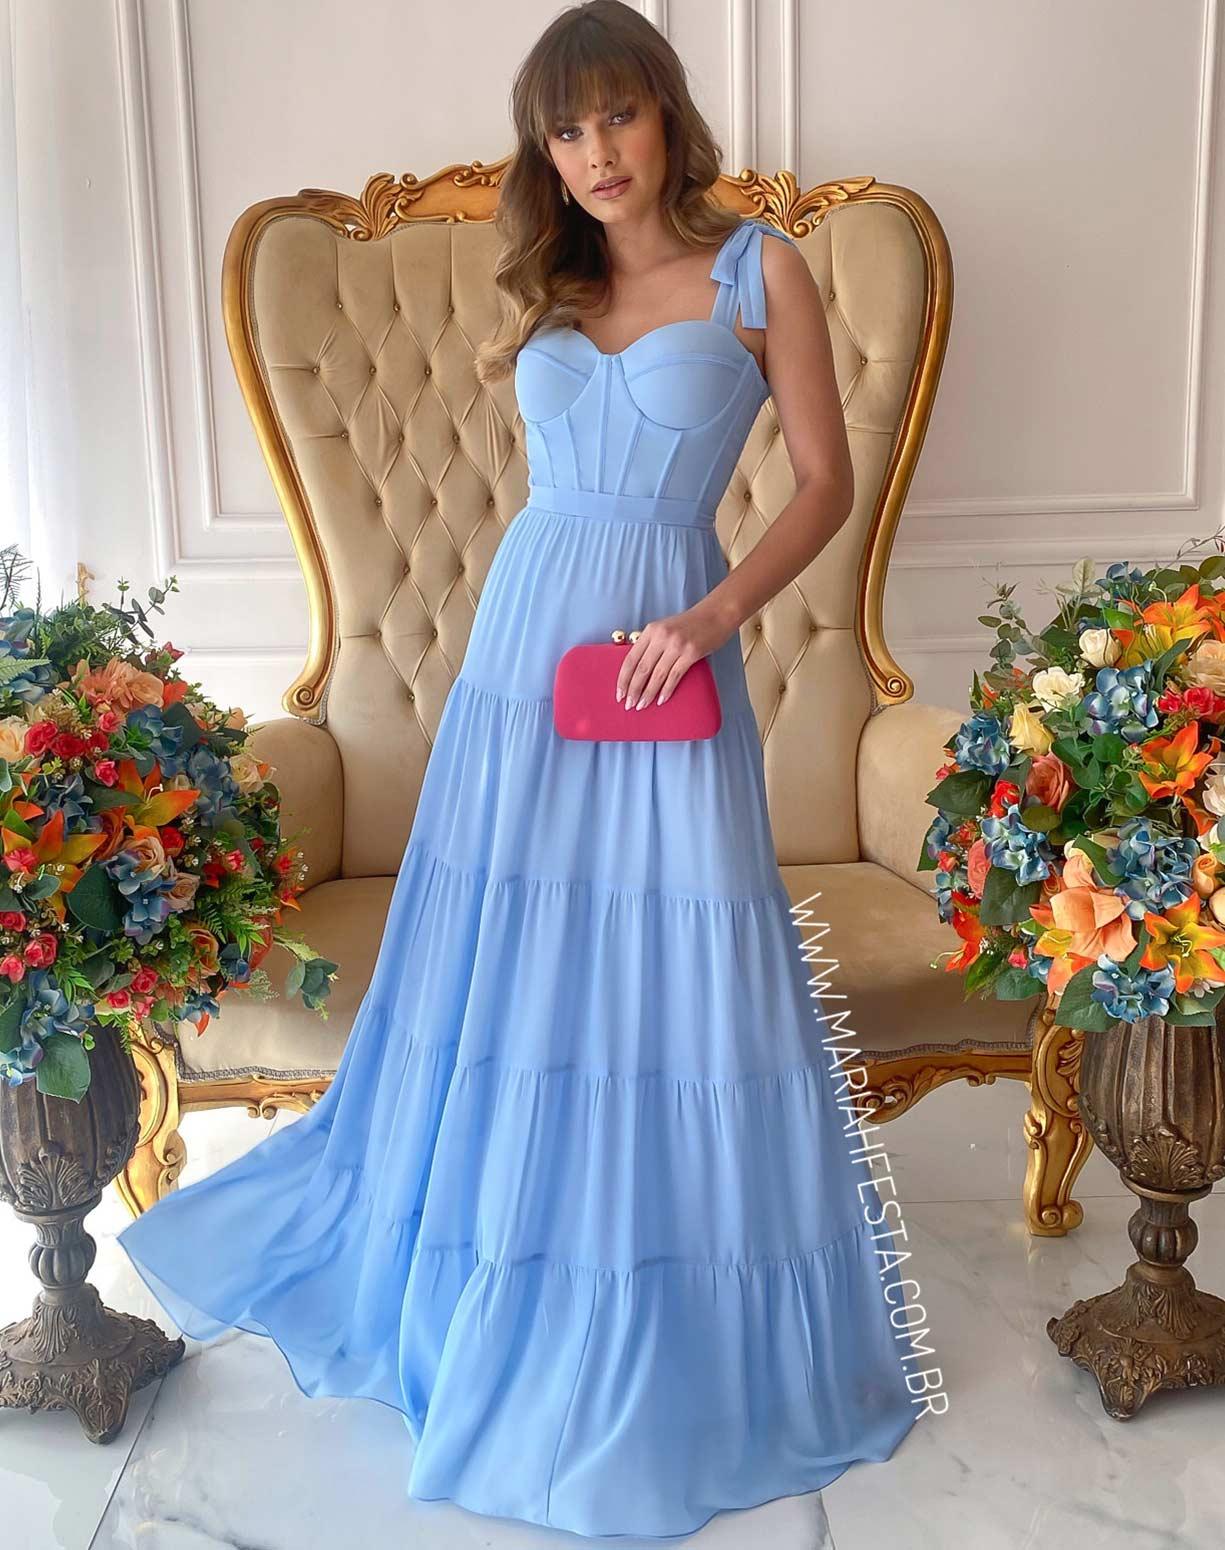 Vestido Azul Serenity com Corpete e Saia em Camadas